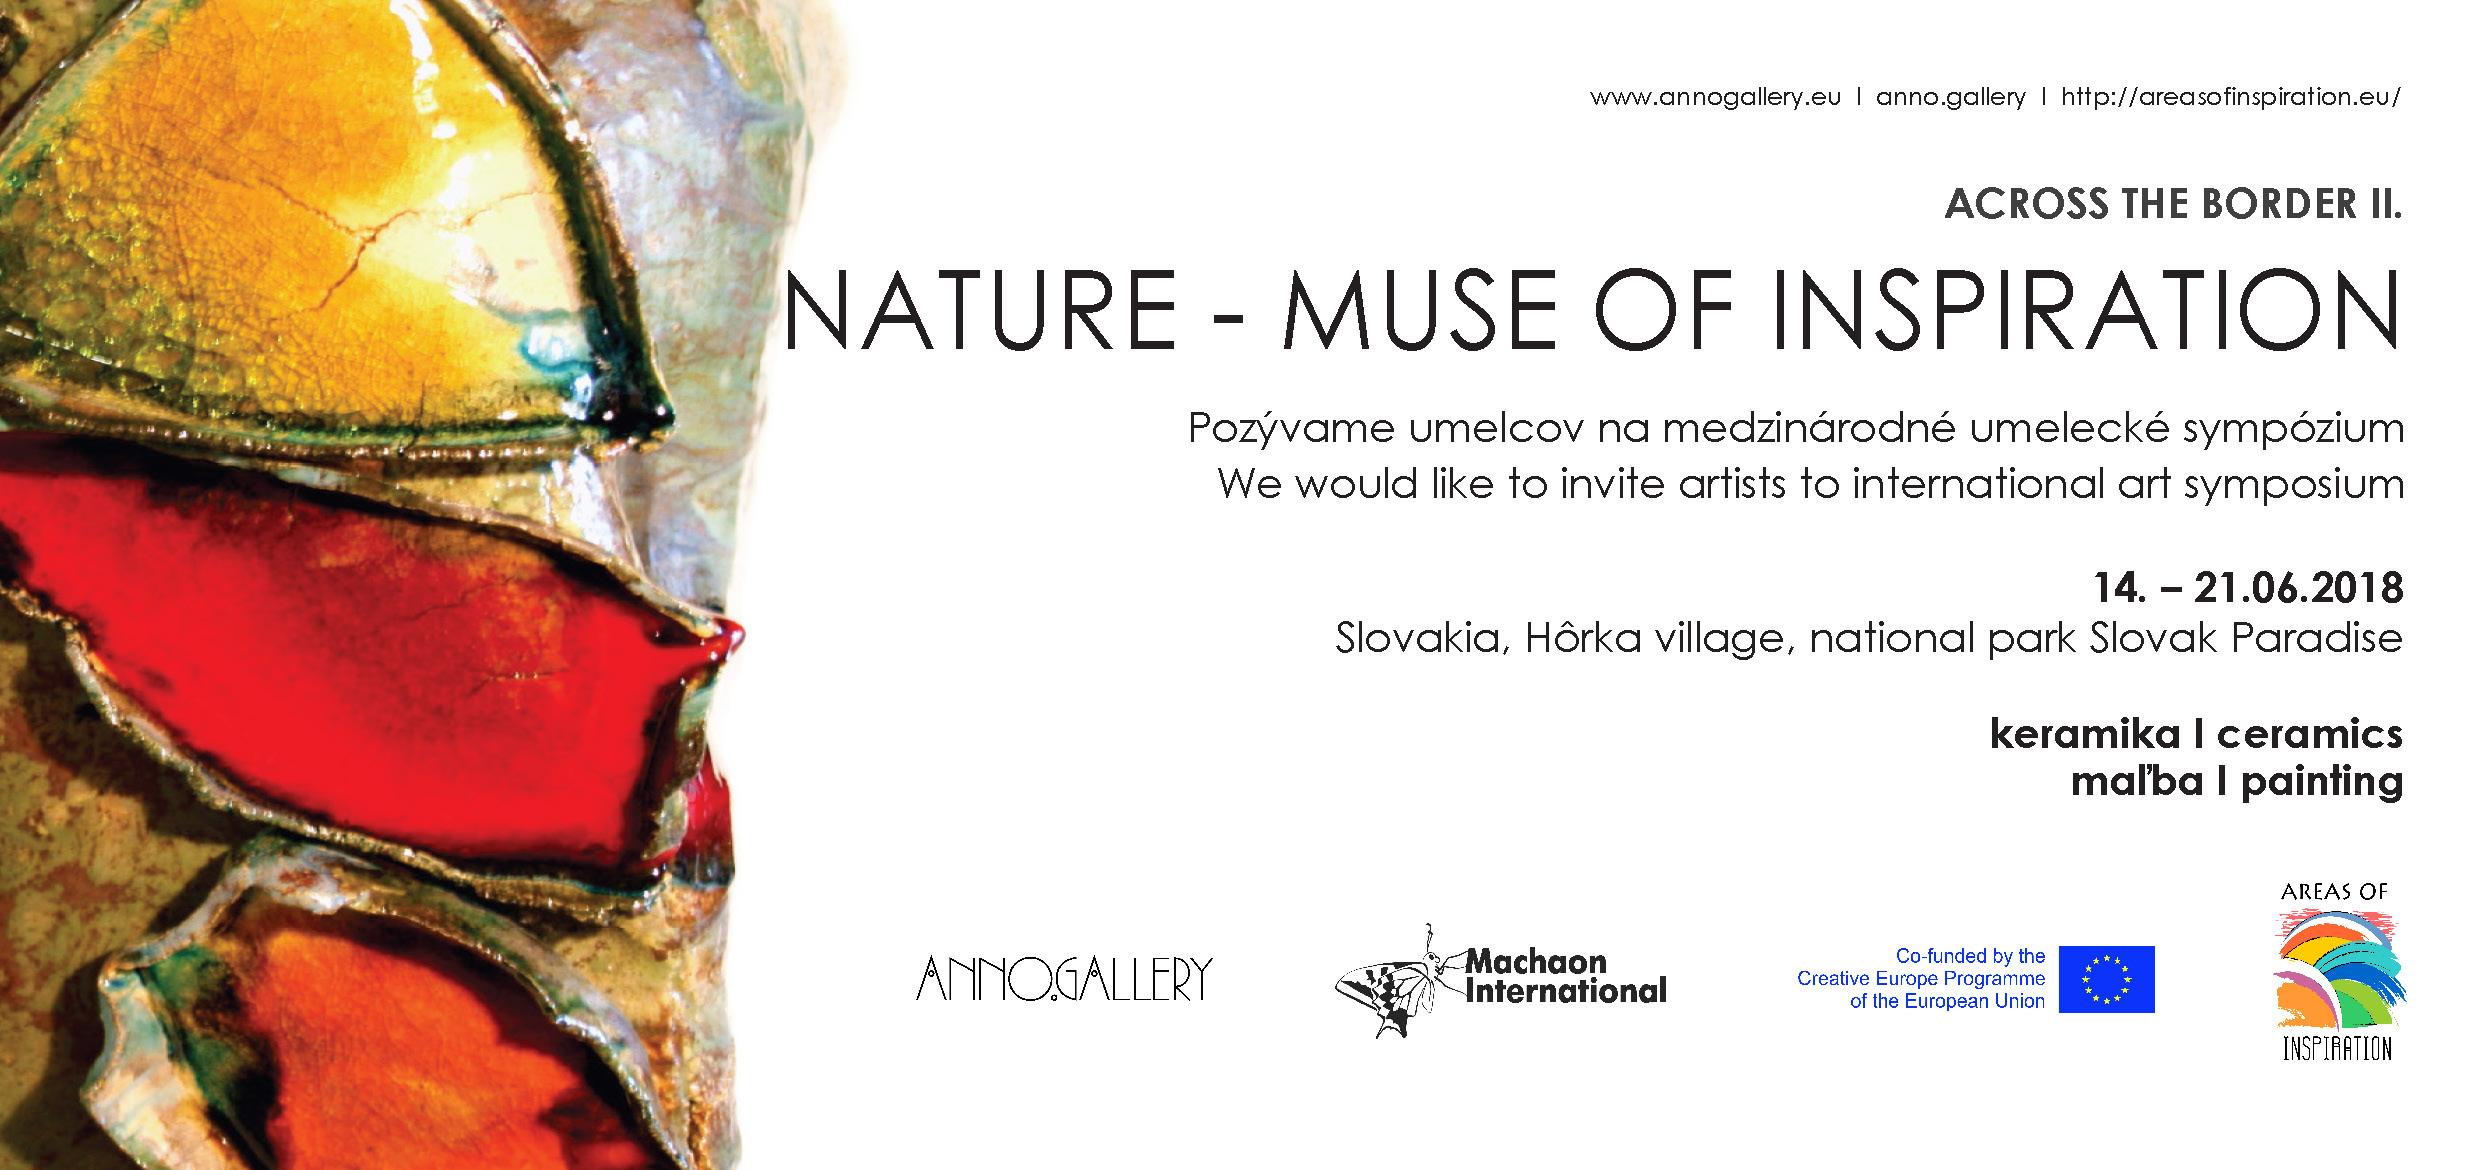 Pozvánka na sympózium / Invitation to symposium